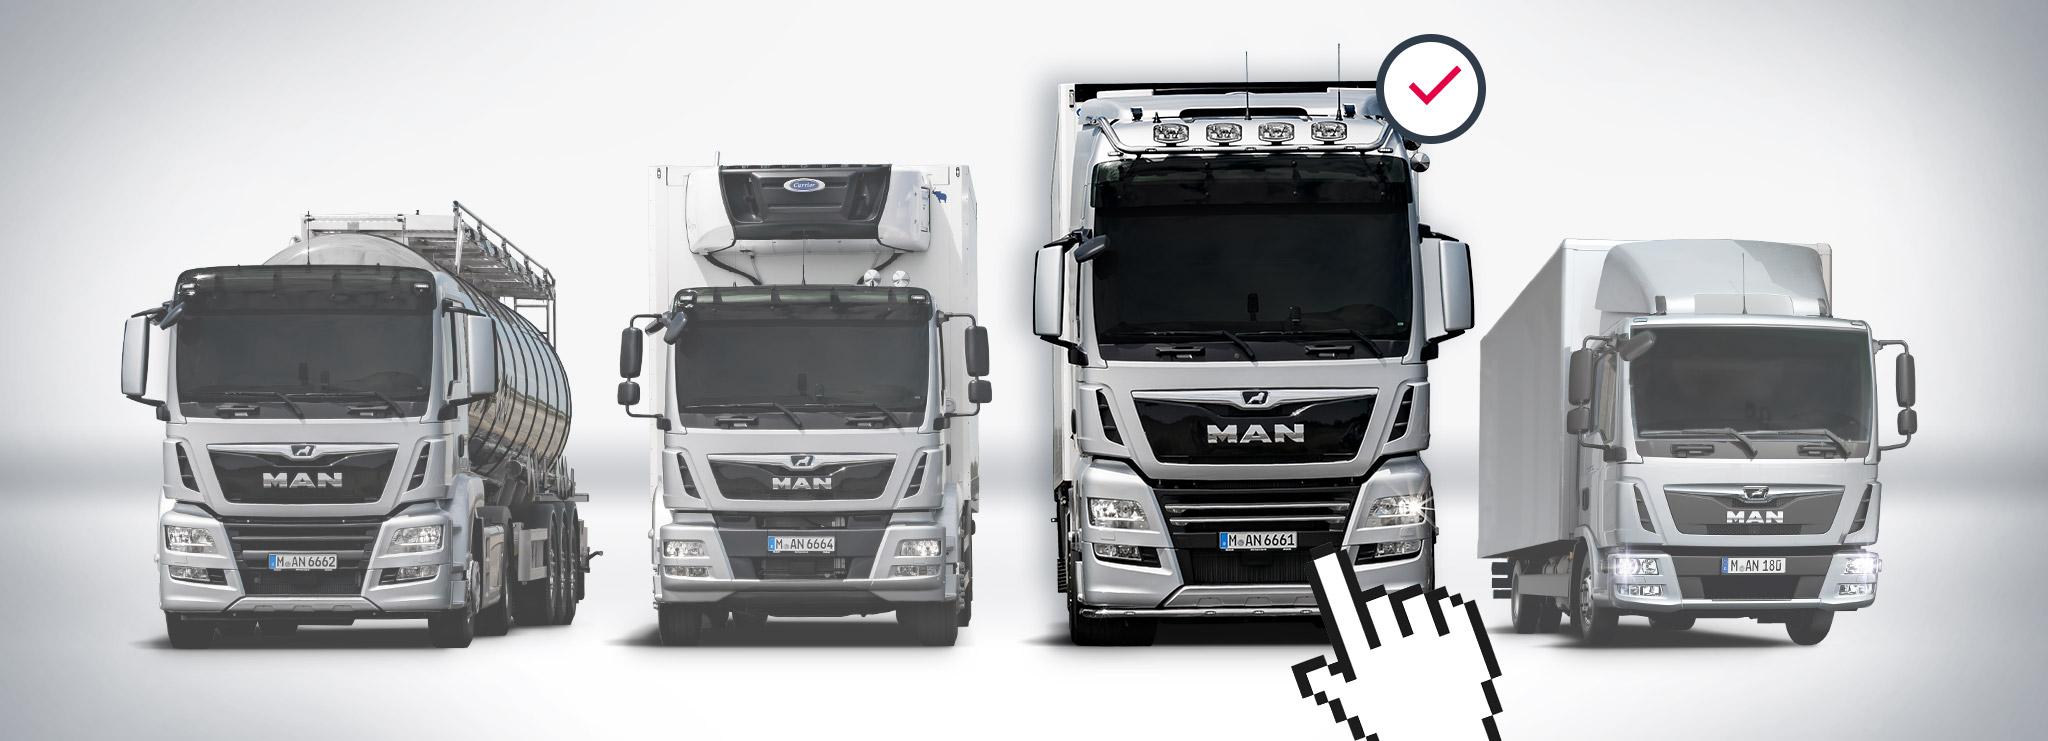 Konfigurator pojazdów ciężarowych